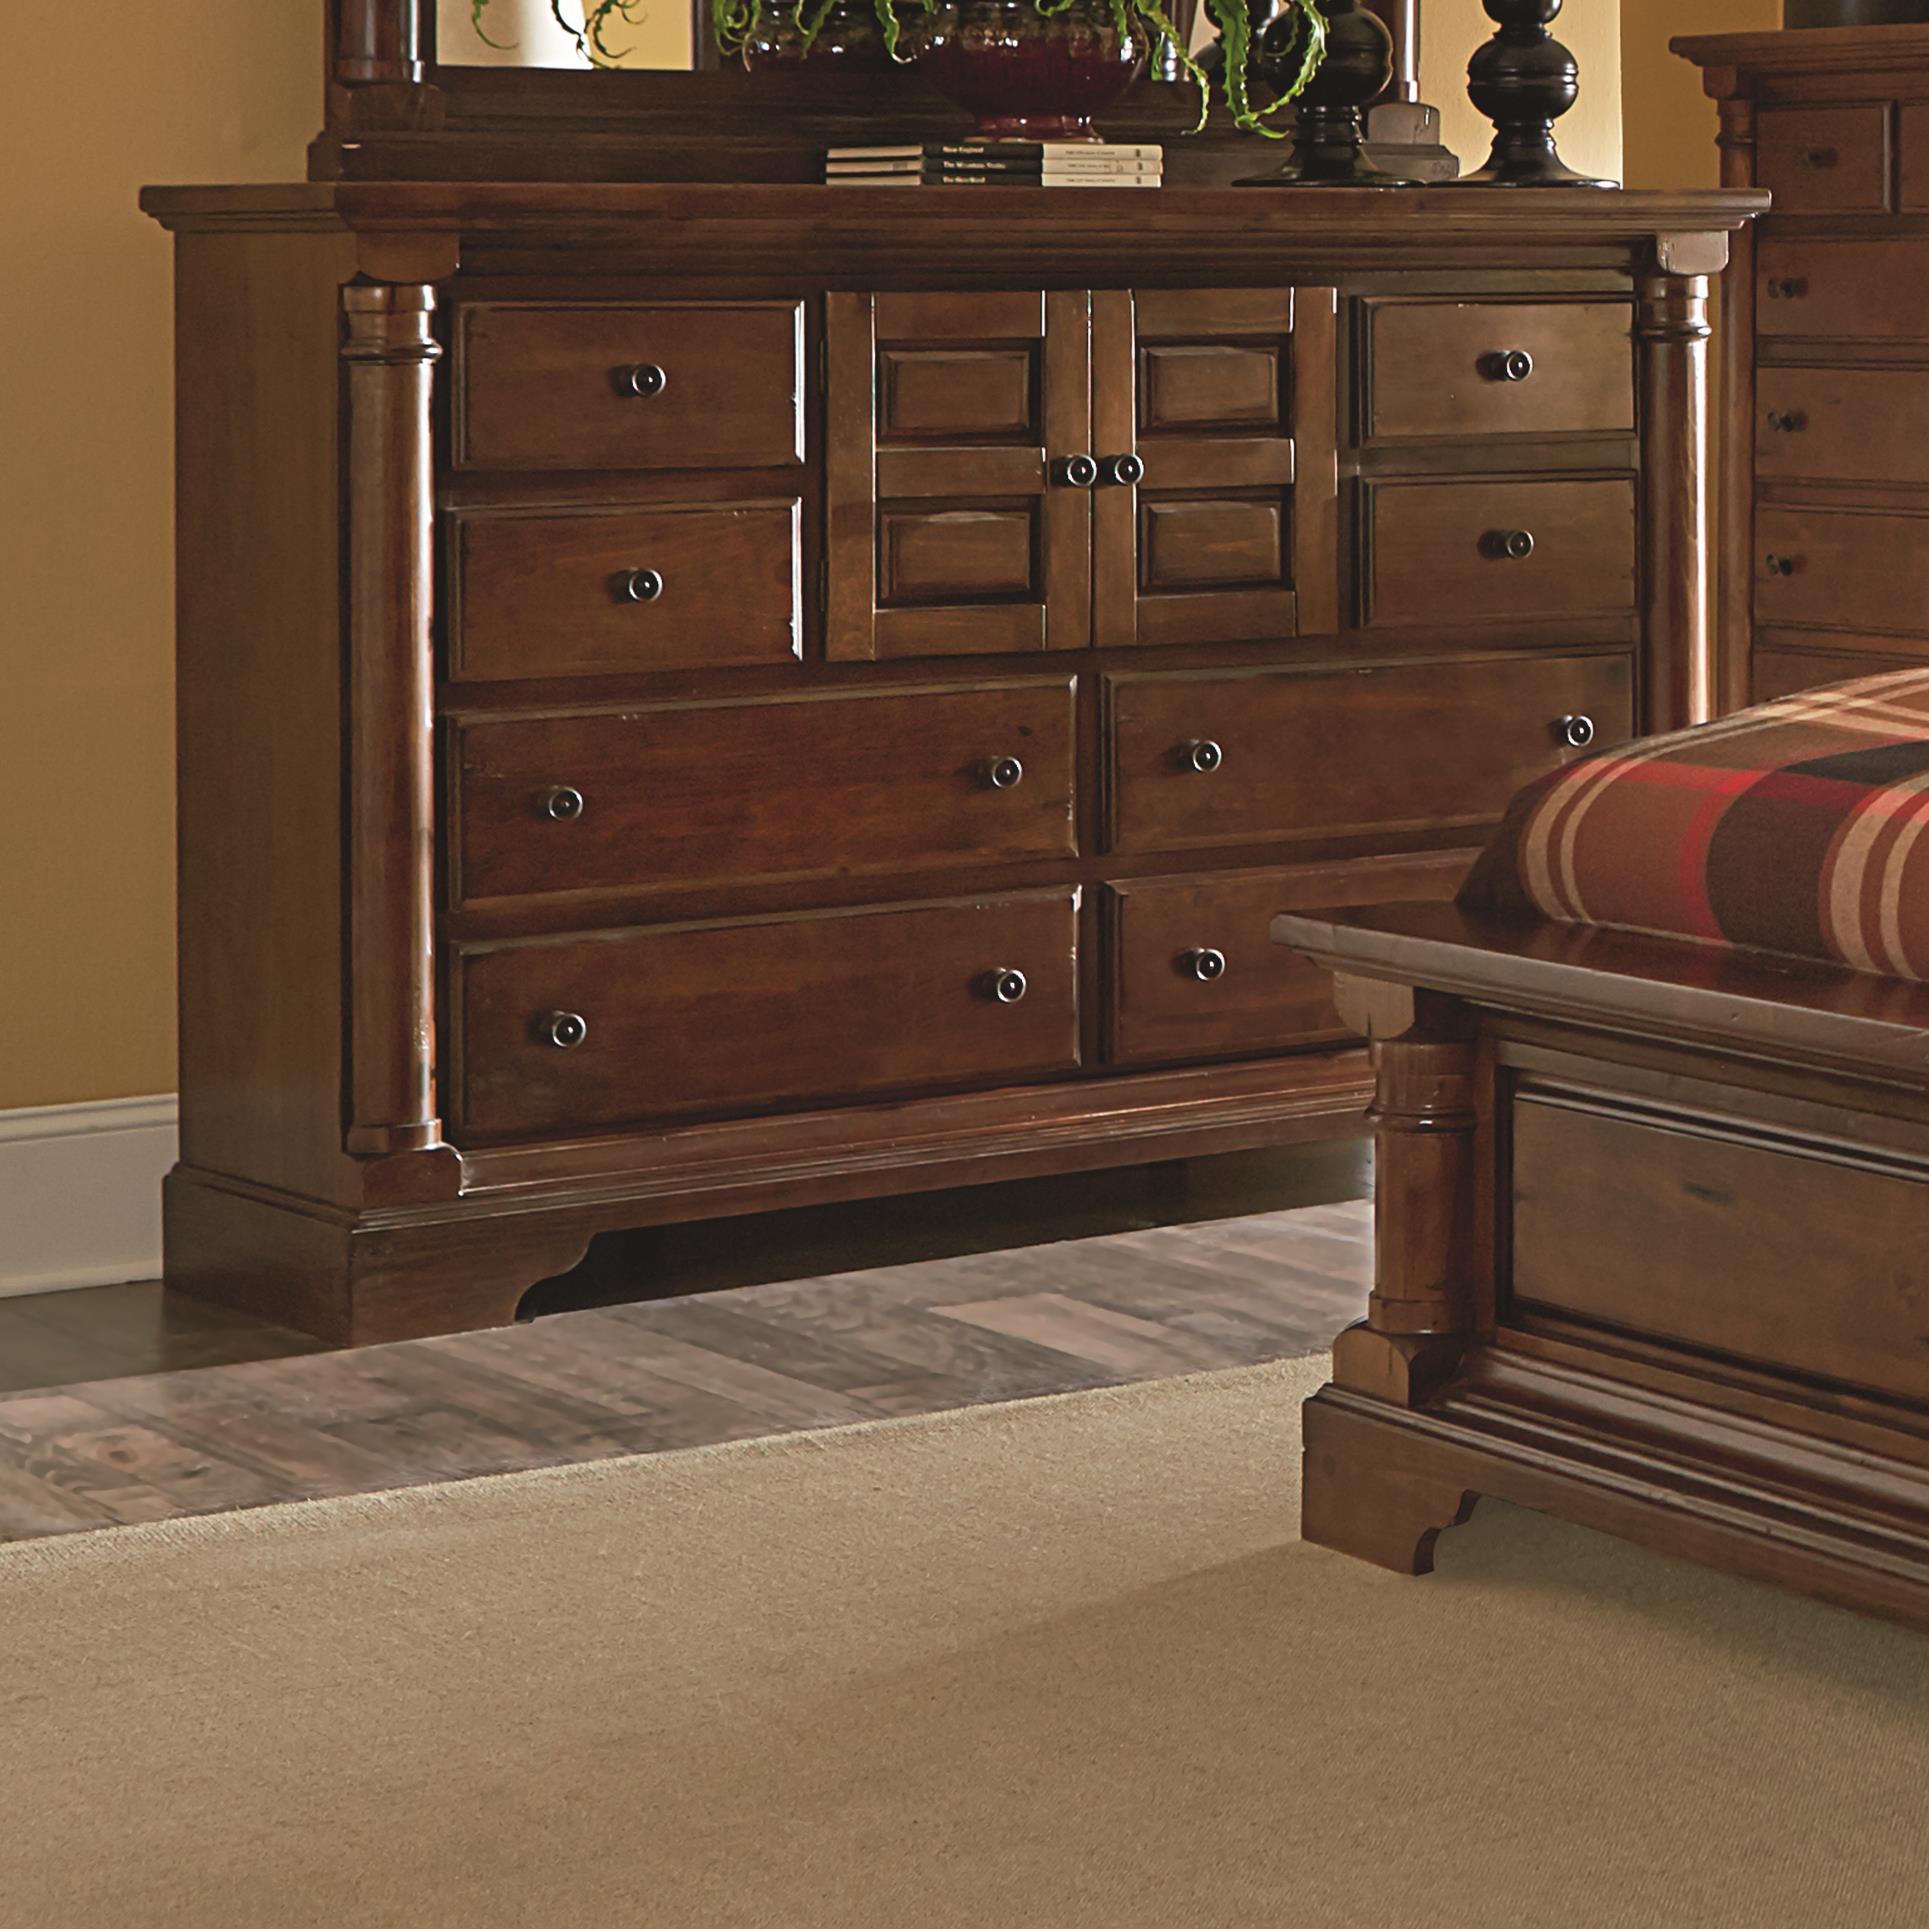 Progressive Furniture Gramercy Park Dresser - Item Number: P660-24